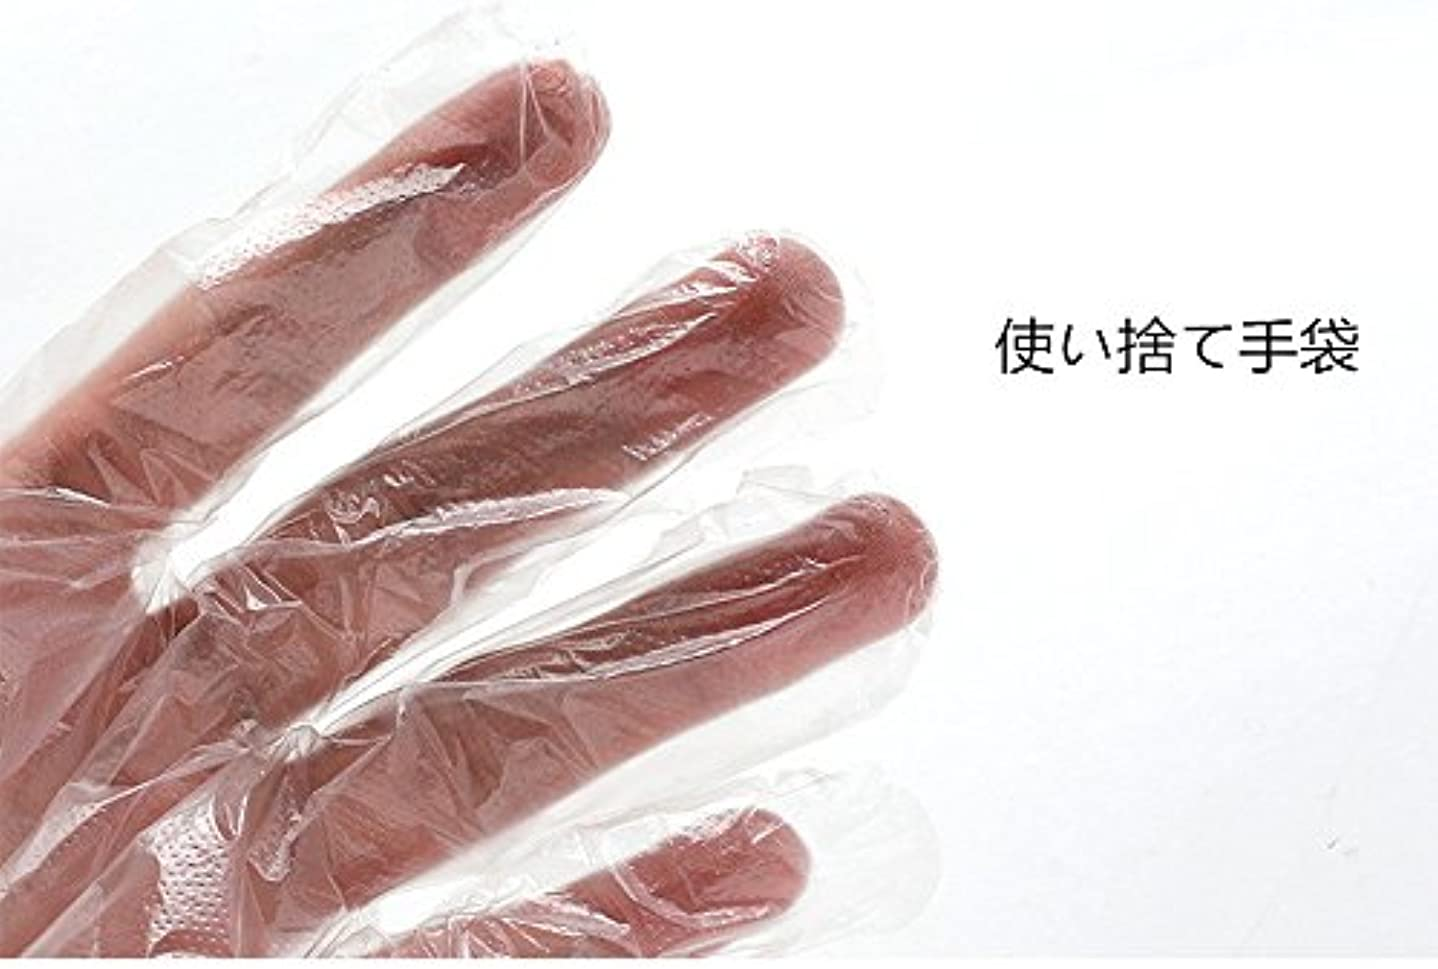 技術者合法受信使い捨て手袋 左右兼用 掃除 介護 極薄ビニール手袋 ポリエチレン 透明 実用 衛生 95枚